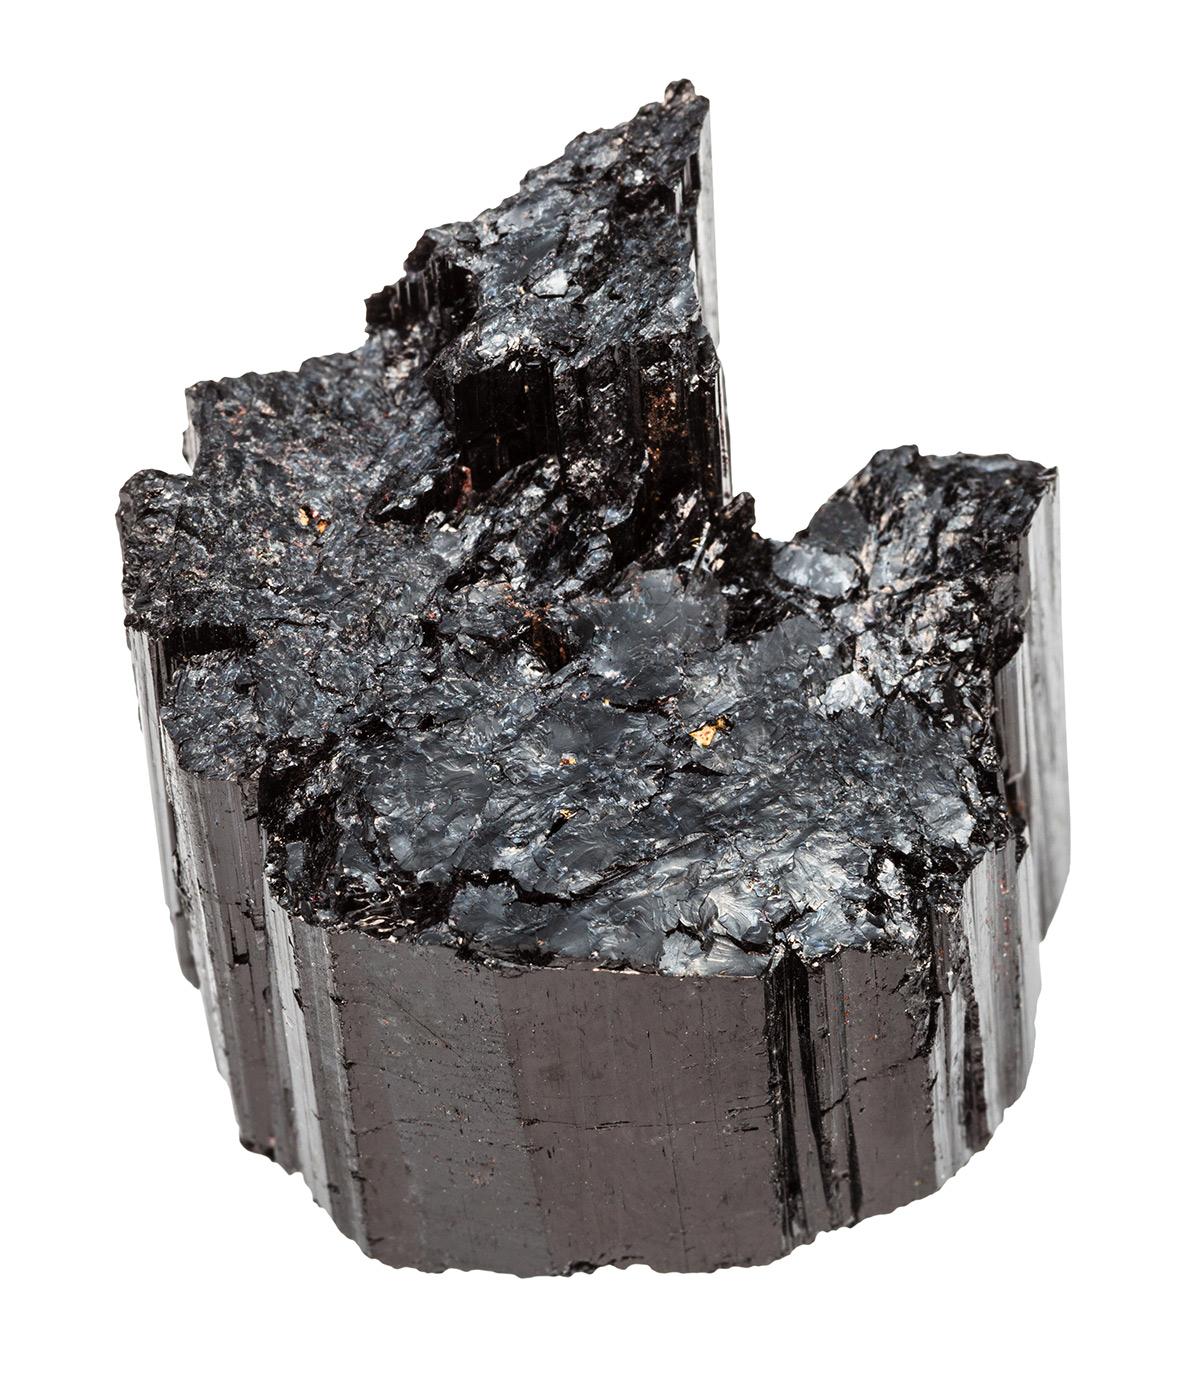 La tourmaline noire est celle qui possède le plus de propriétés dites piézoélectriques ou pyroélectriques